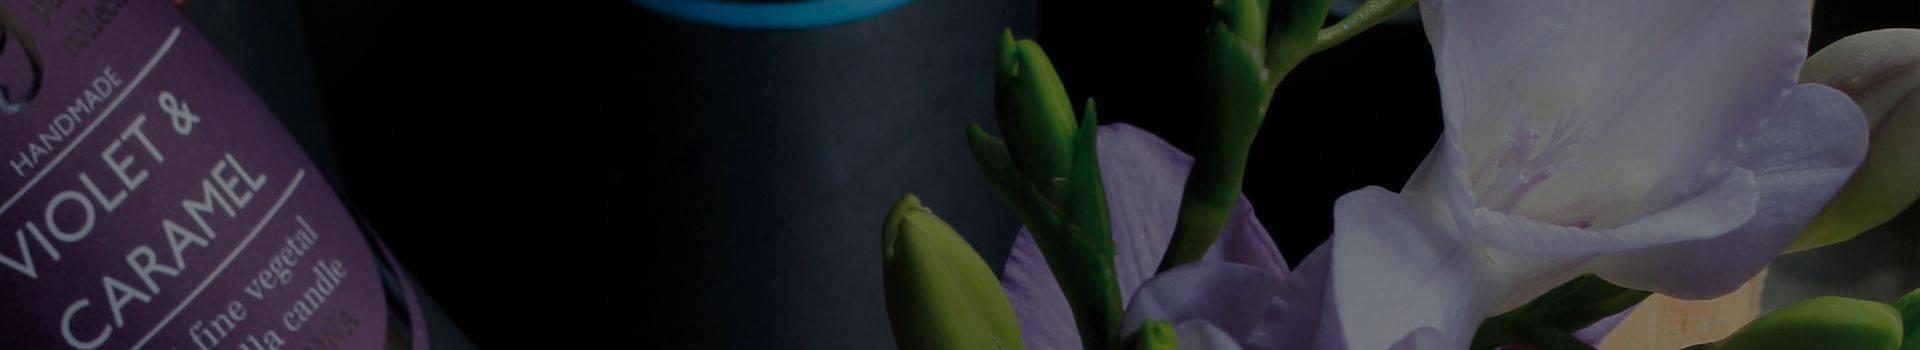 Velas perfumadas, velas de miel o velas de cera de abeja, cera vegetal